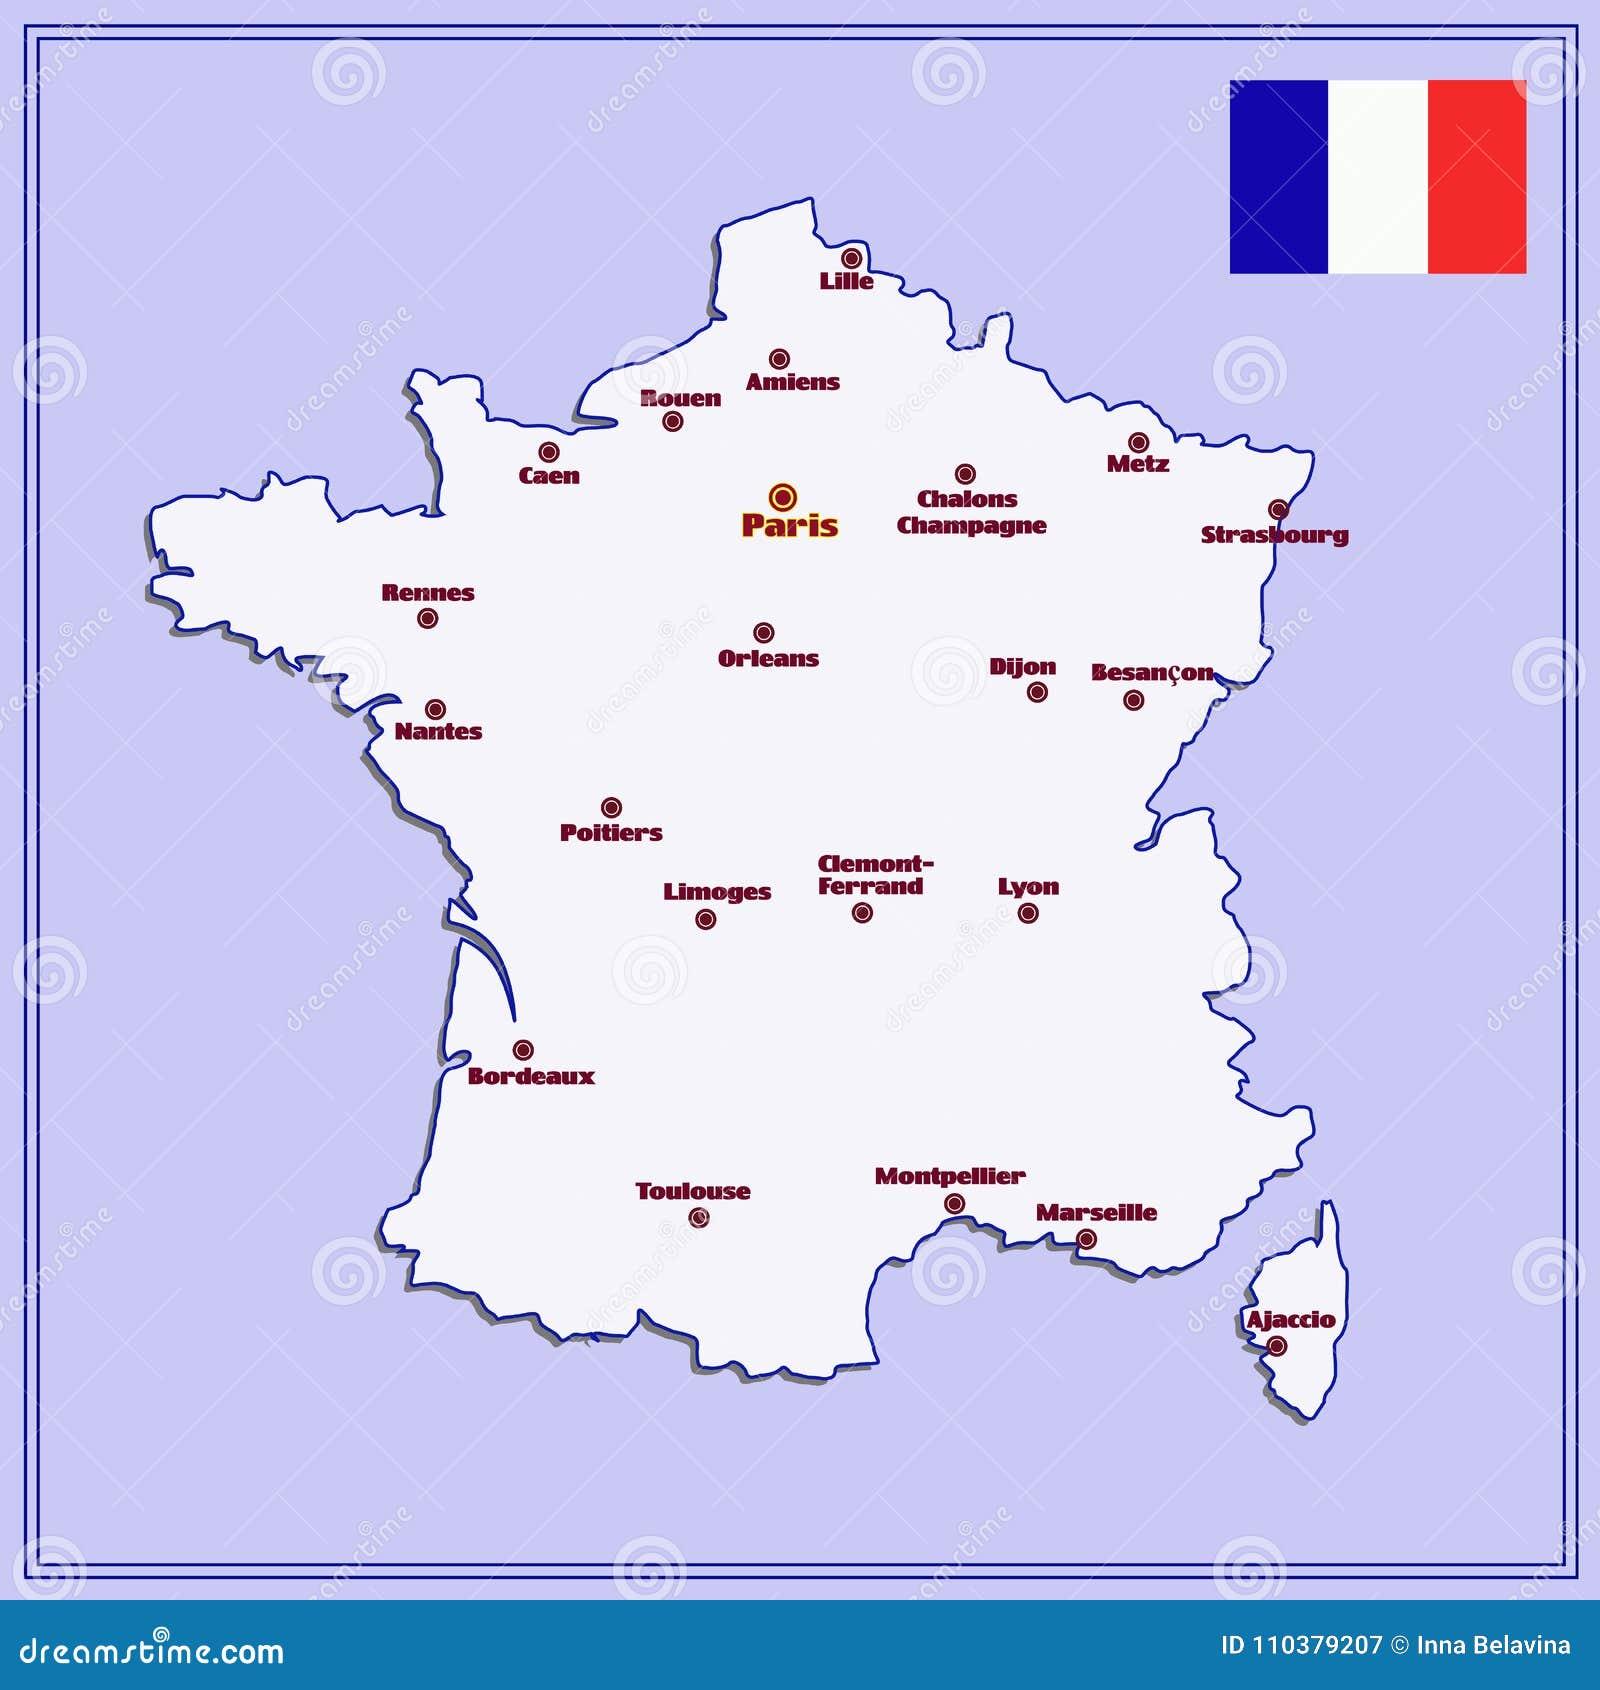 Cartina Francia Con Citta.Mappa Della Francia Con Le Grandi Citta Illustrazione Di